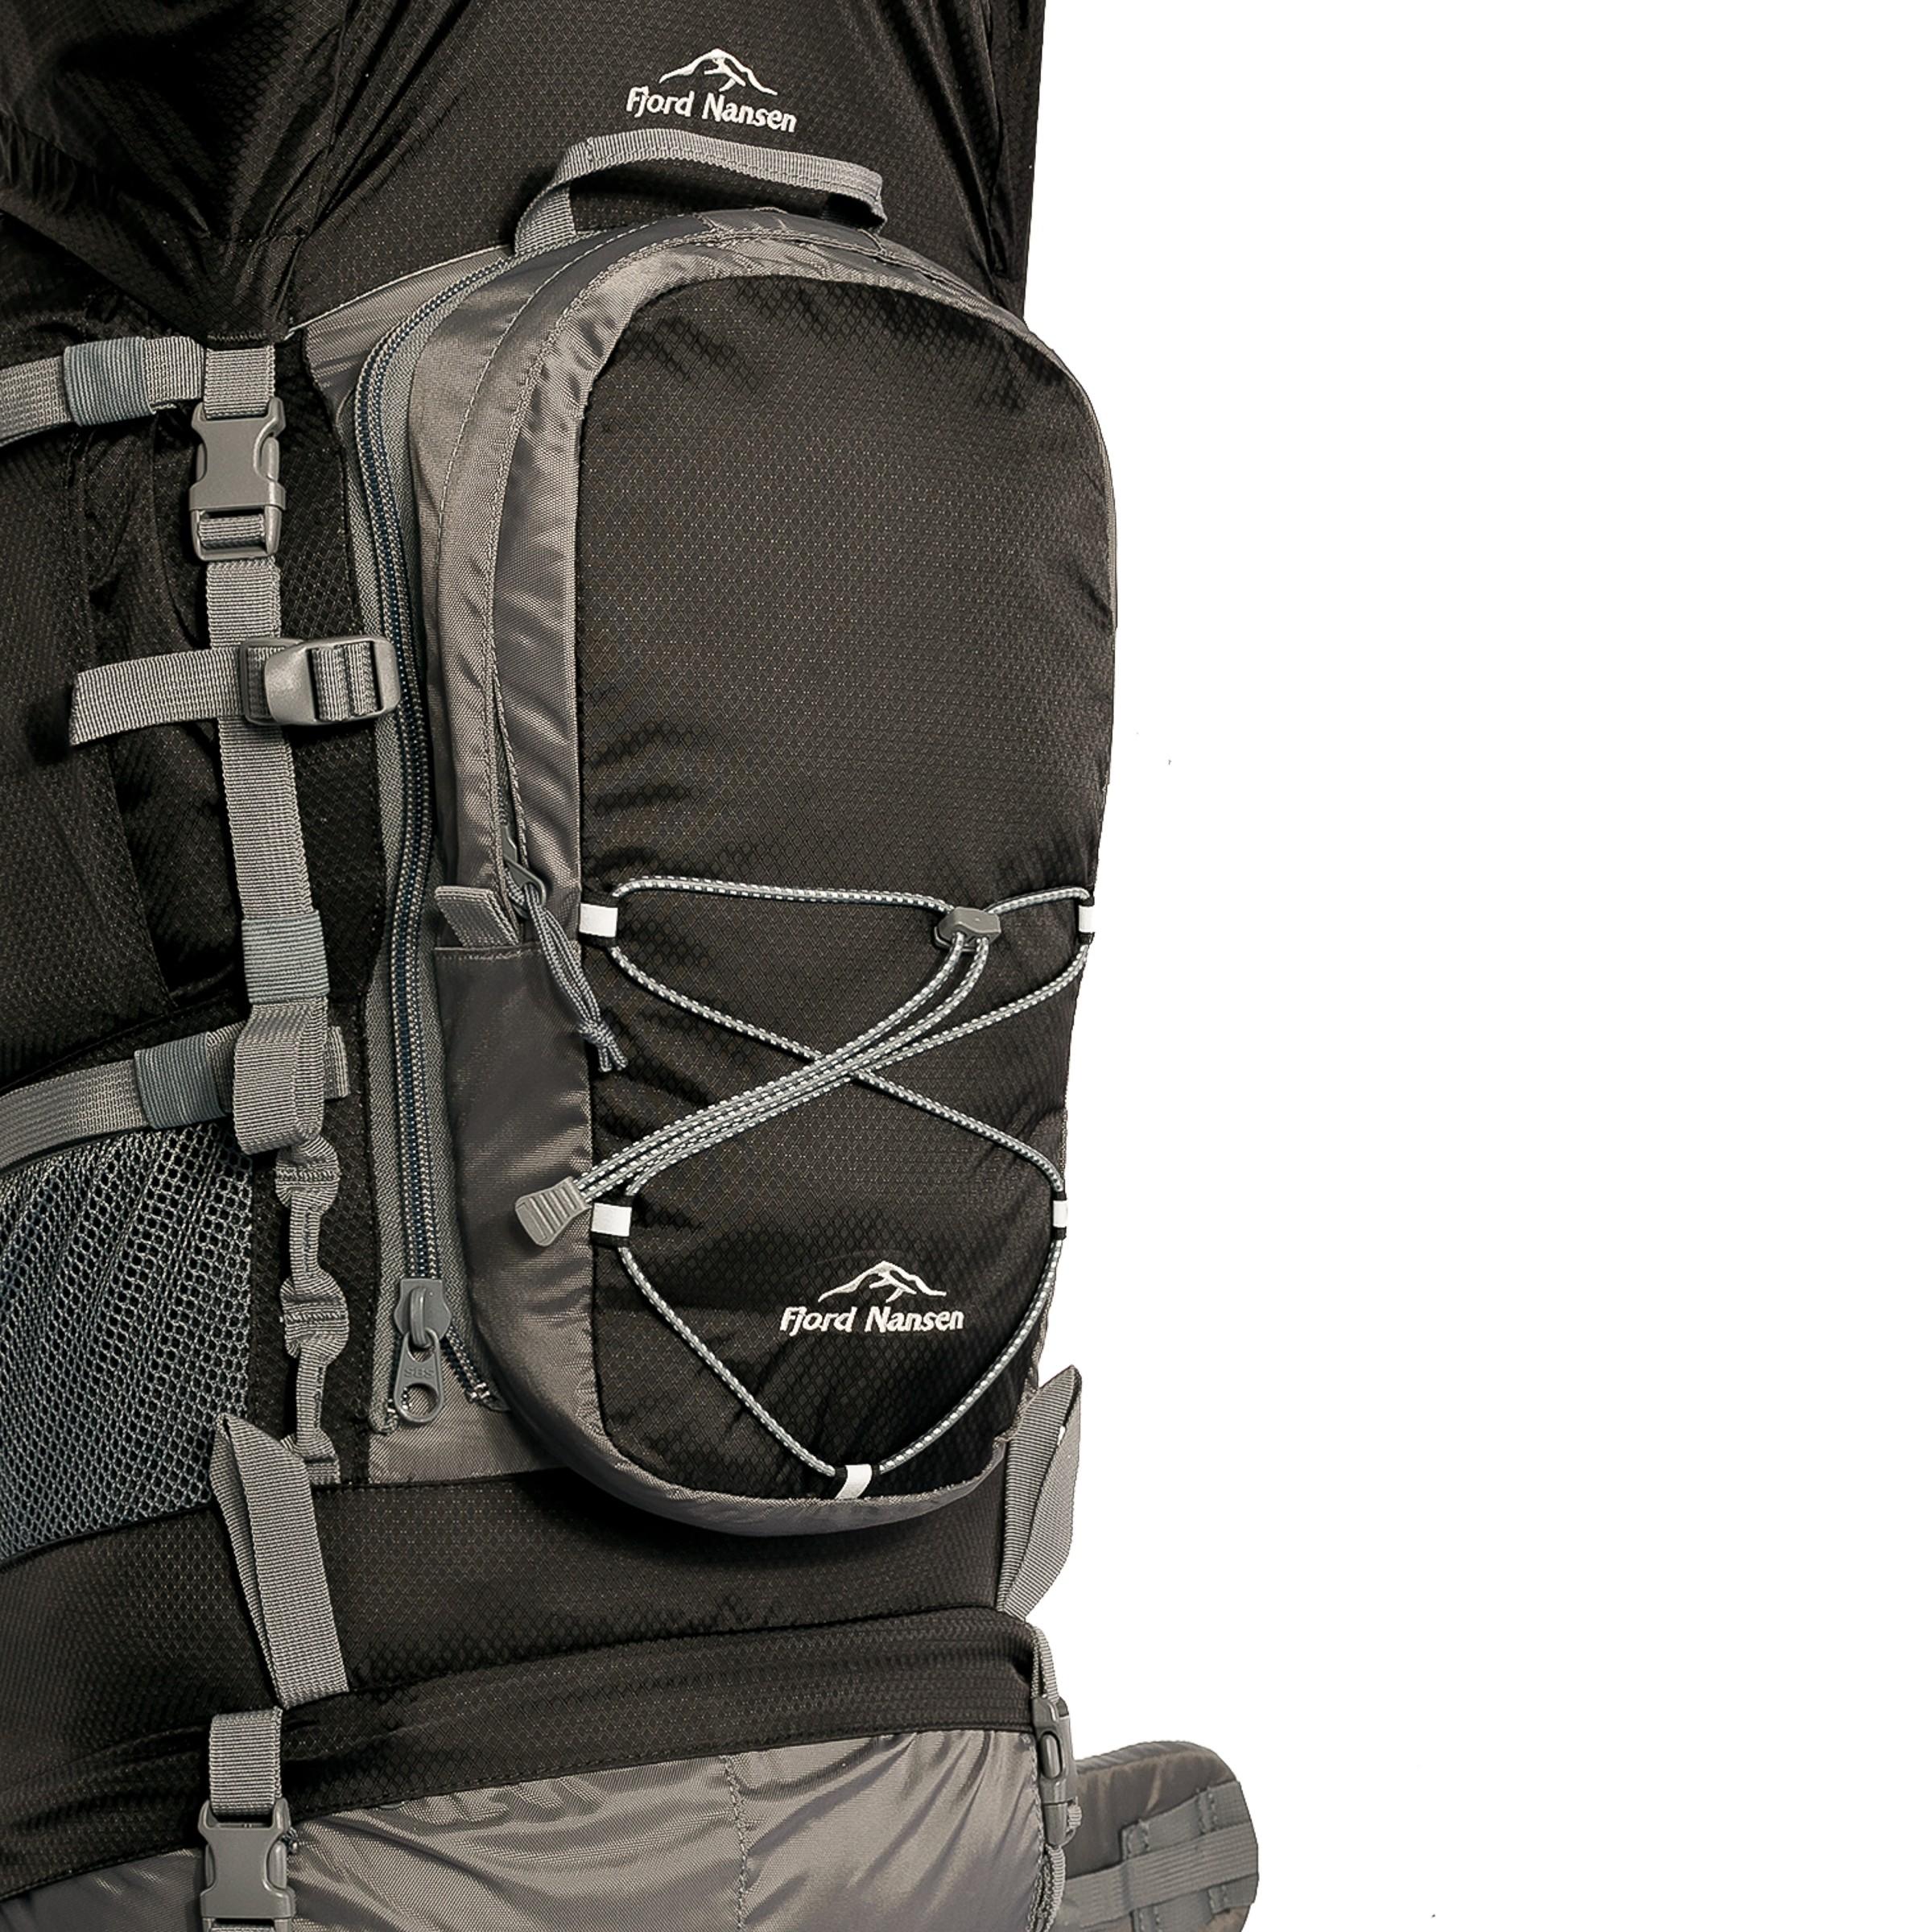 fb40cdd1369fa Plecak NANGA PARBAT 85+10 - Paker - Tylko Sprawdzony Sprzęt Turystyczny